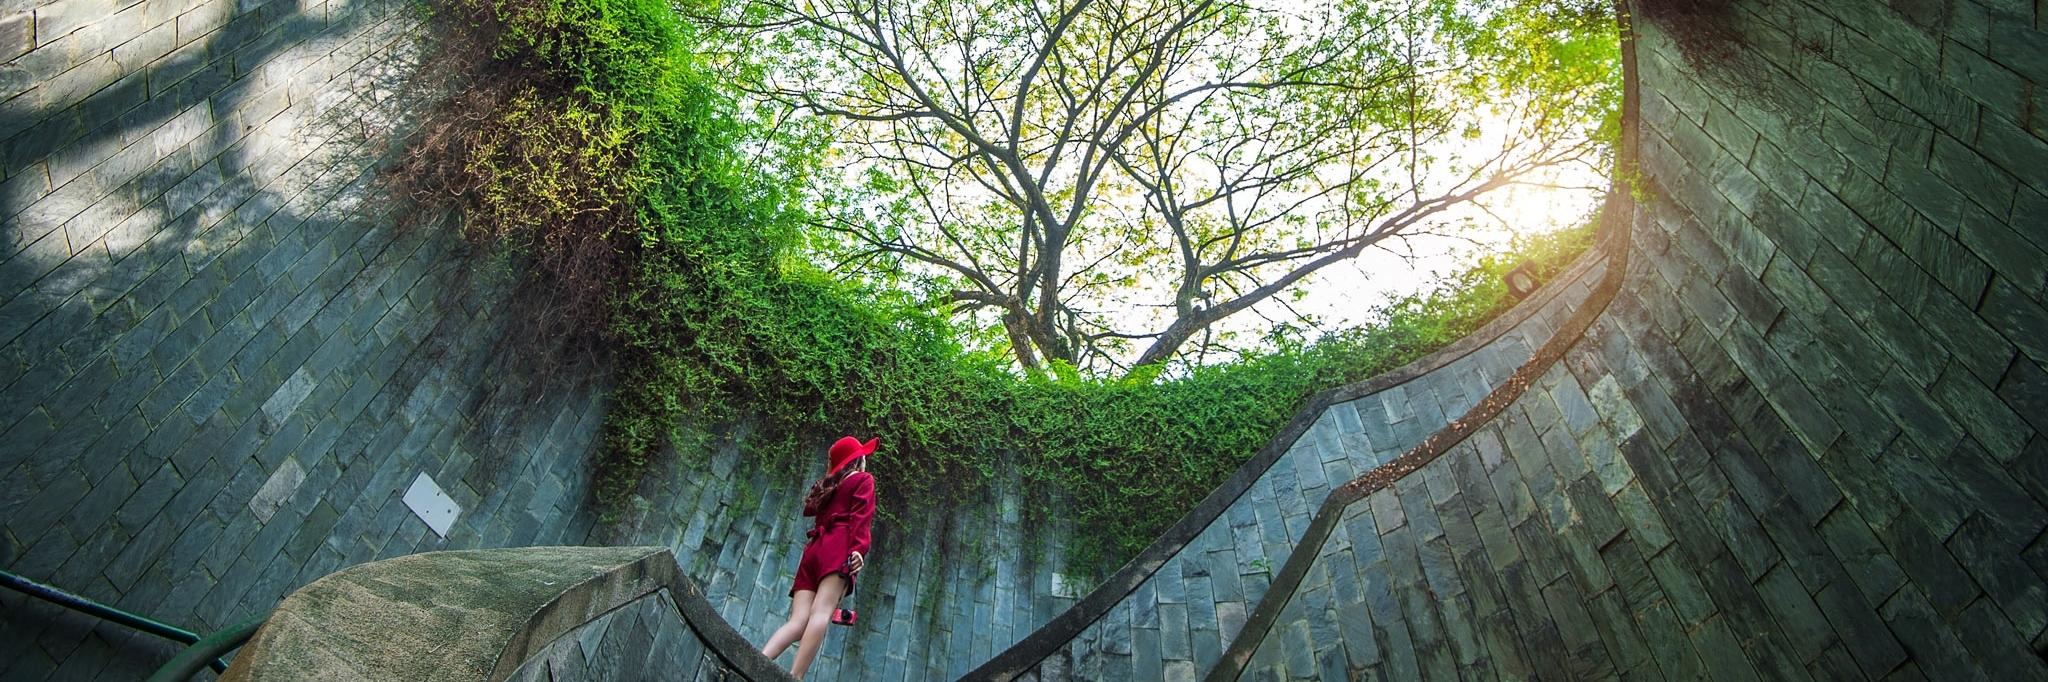 https://gody.vn/blog/quynhnhu/post/cac-luu-y-quan-trong-khi-du-lich-ket-hop-singapore-malaysia-4432